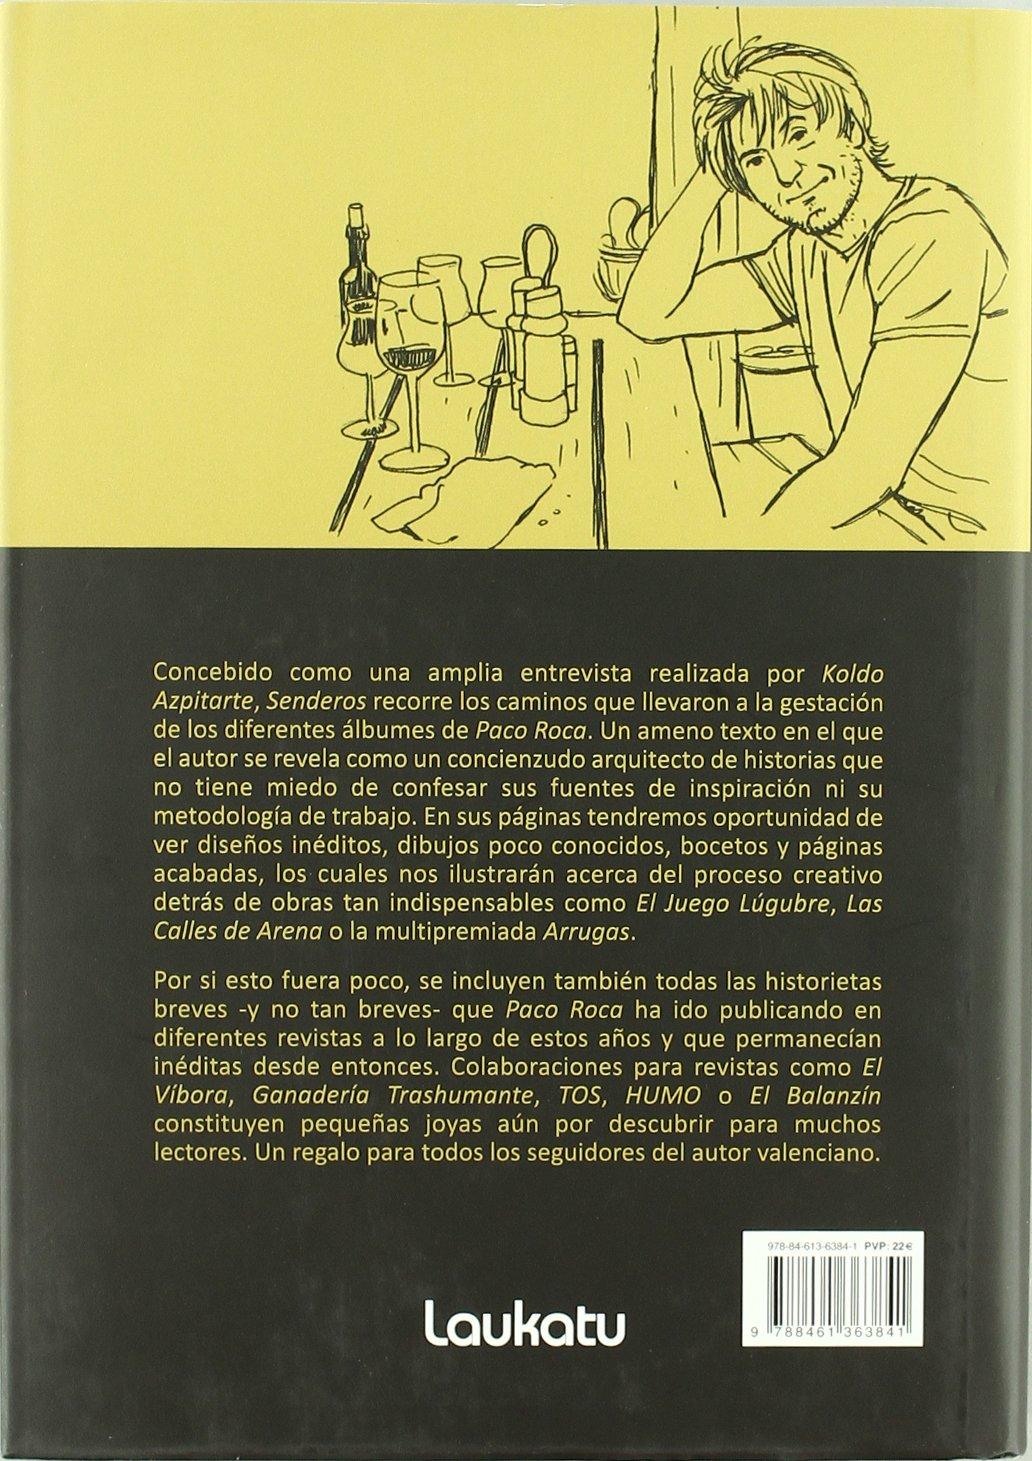 Senderos - una retrospectiva de la obra de paco roca: Amazon.es: Koldo Azpitarte: Libros